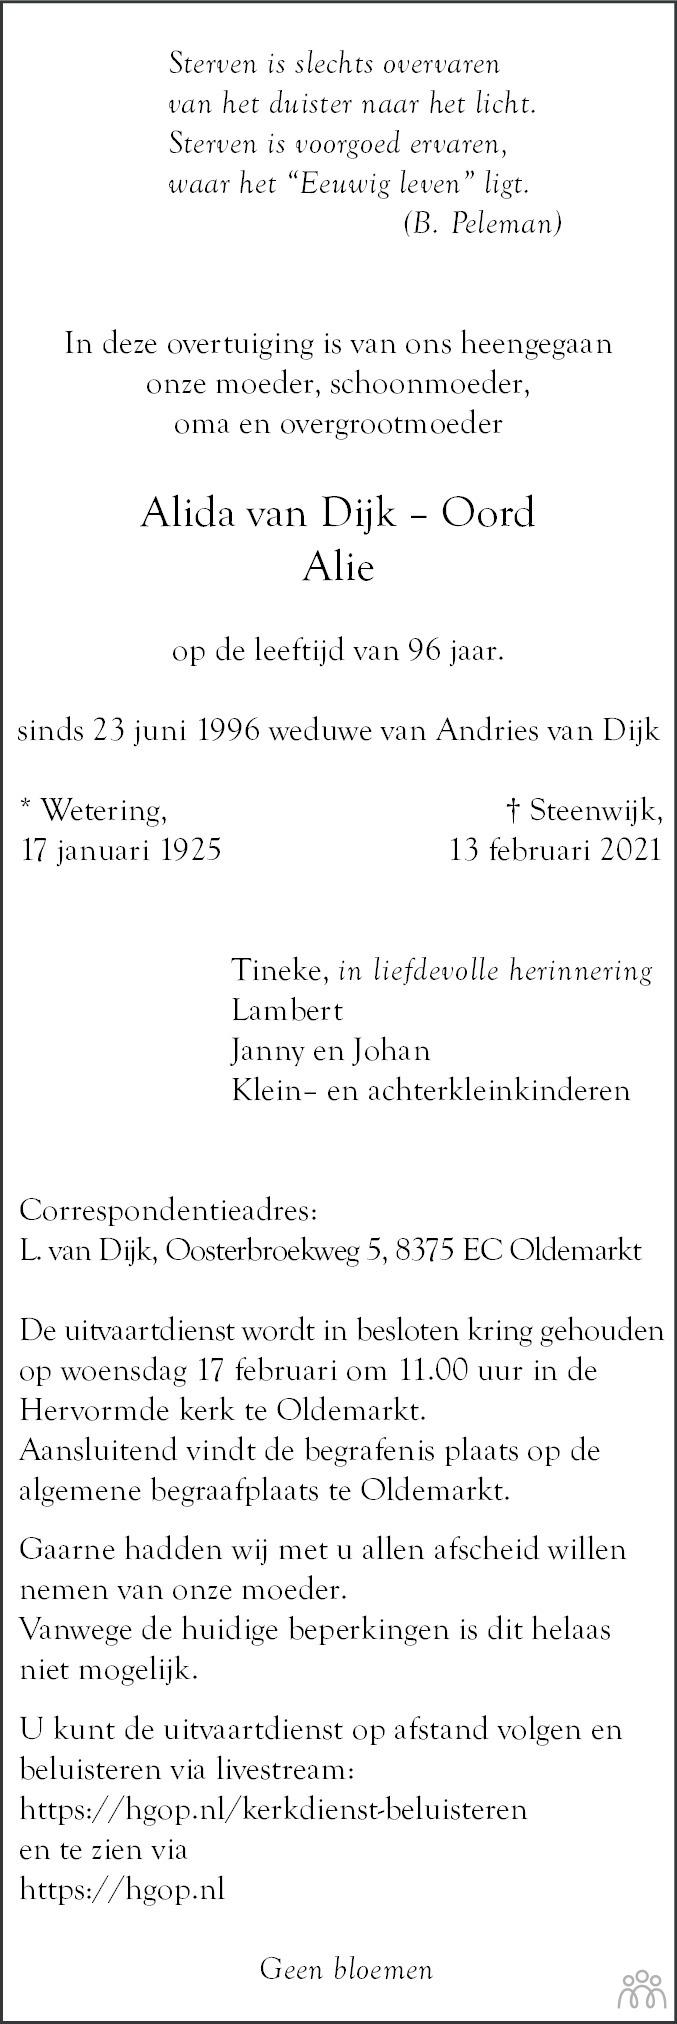 Overlijdensbericht van Alida (Alie) van Dijk-Oord in Meppeler Courant